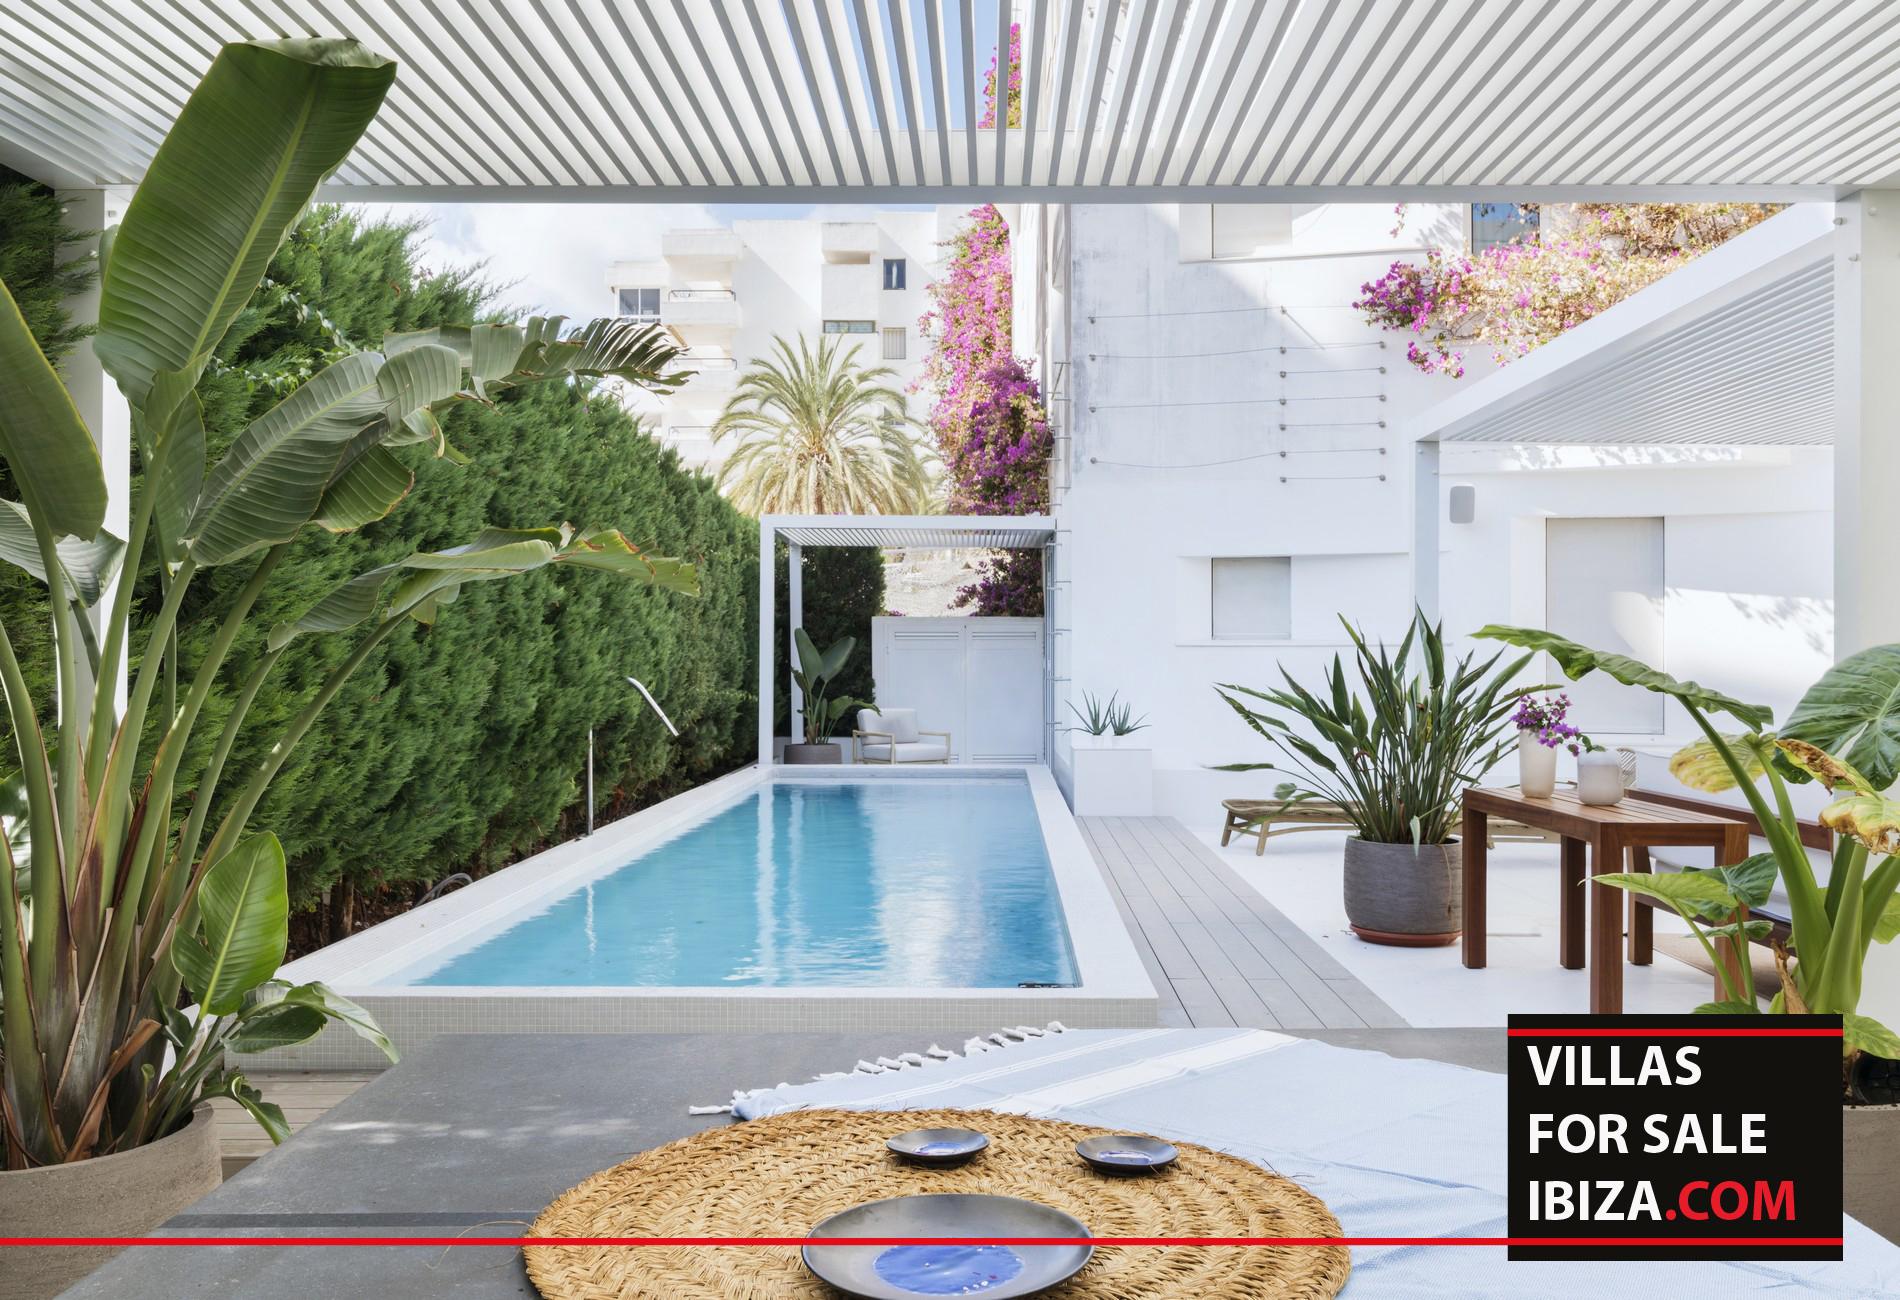 Patio Blanco Destino with private pool, ibiza real estate, ibiza estates